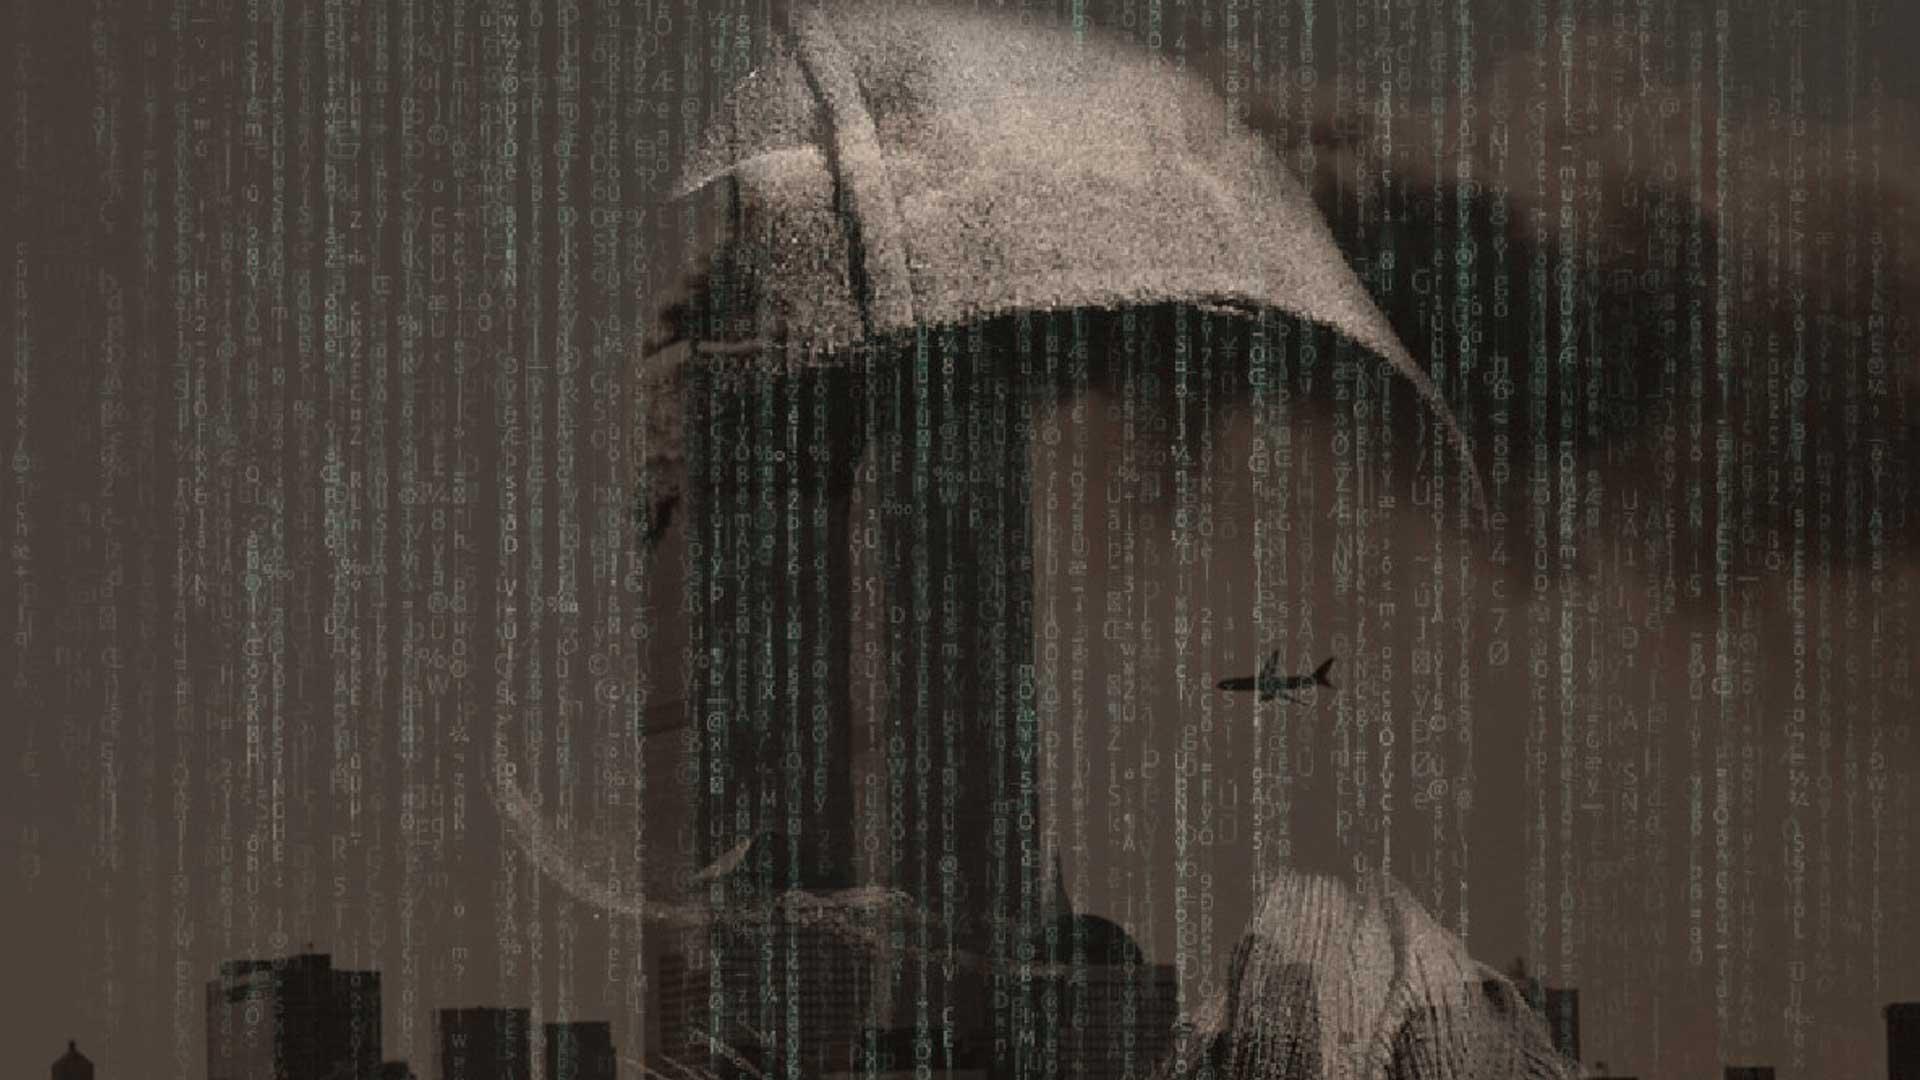 Hackers revelan información secreta sobre el 11-S